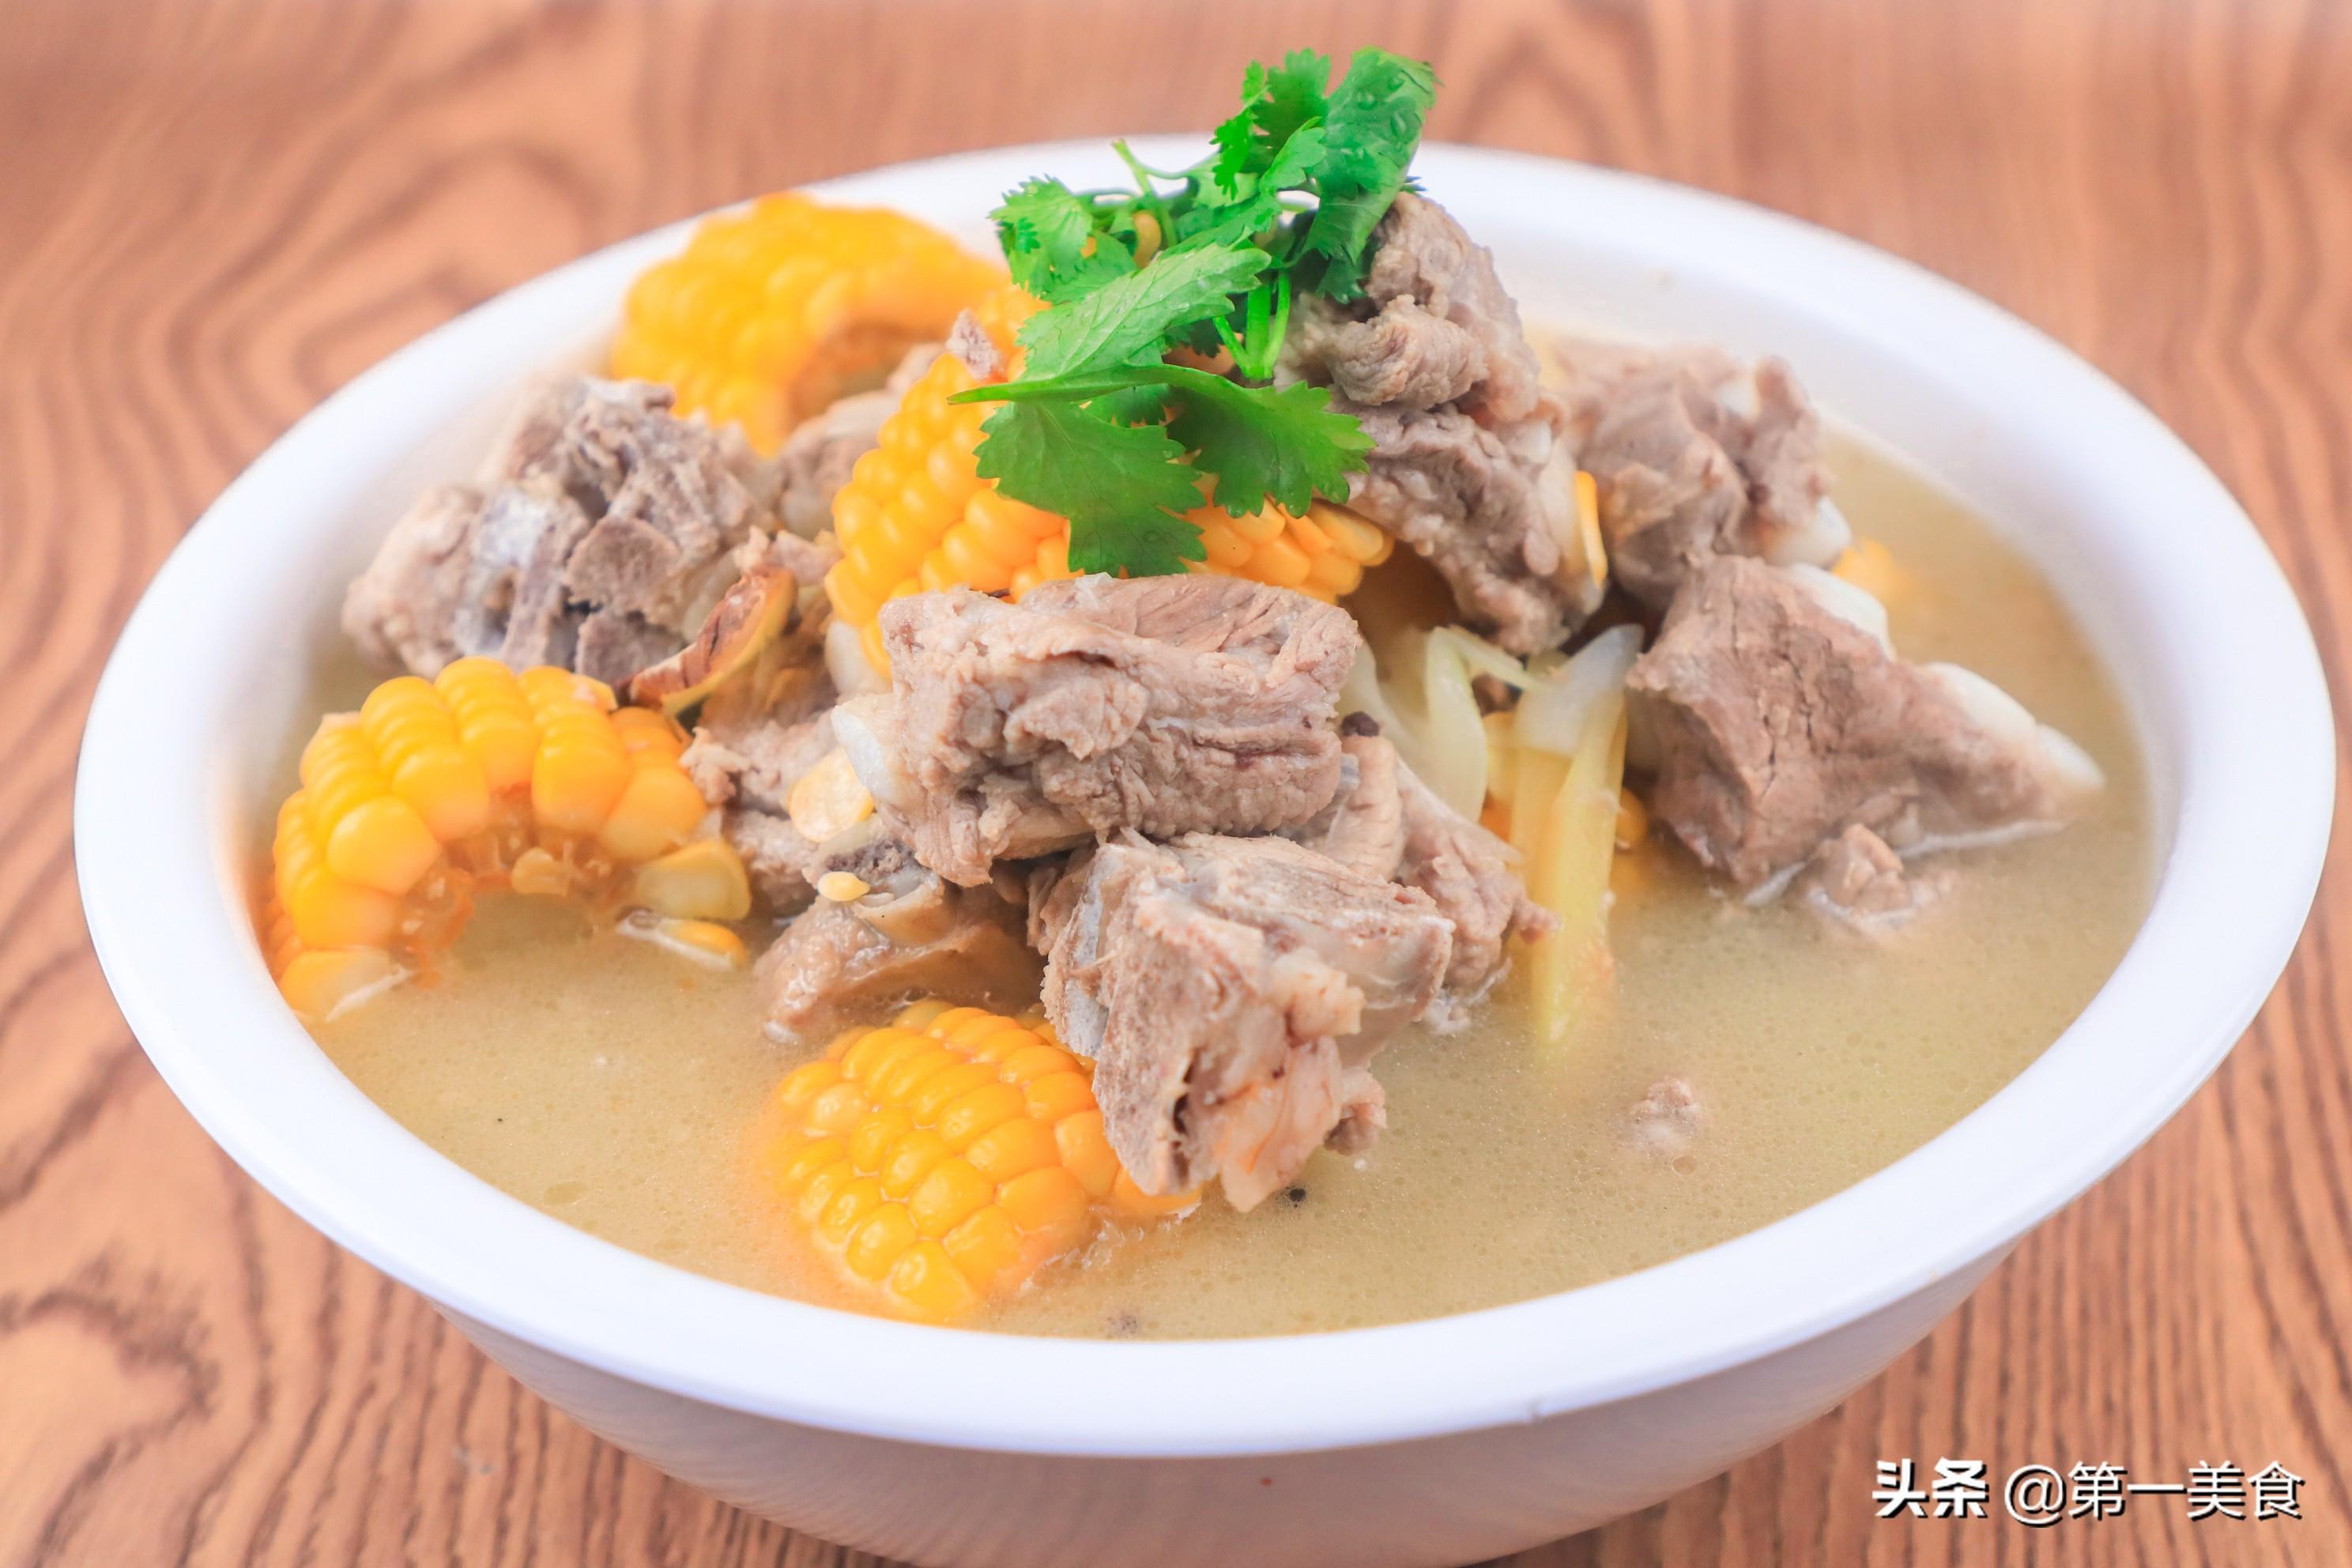 玉米排骨最家常做法 汤白肉鲜又营养 清淡不油腻 简单易学